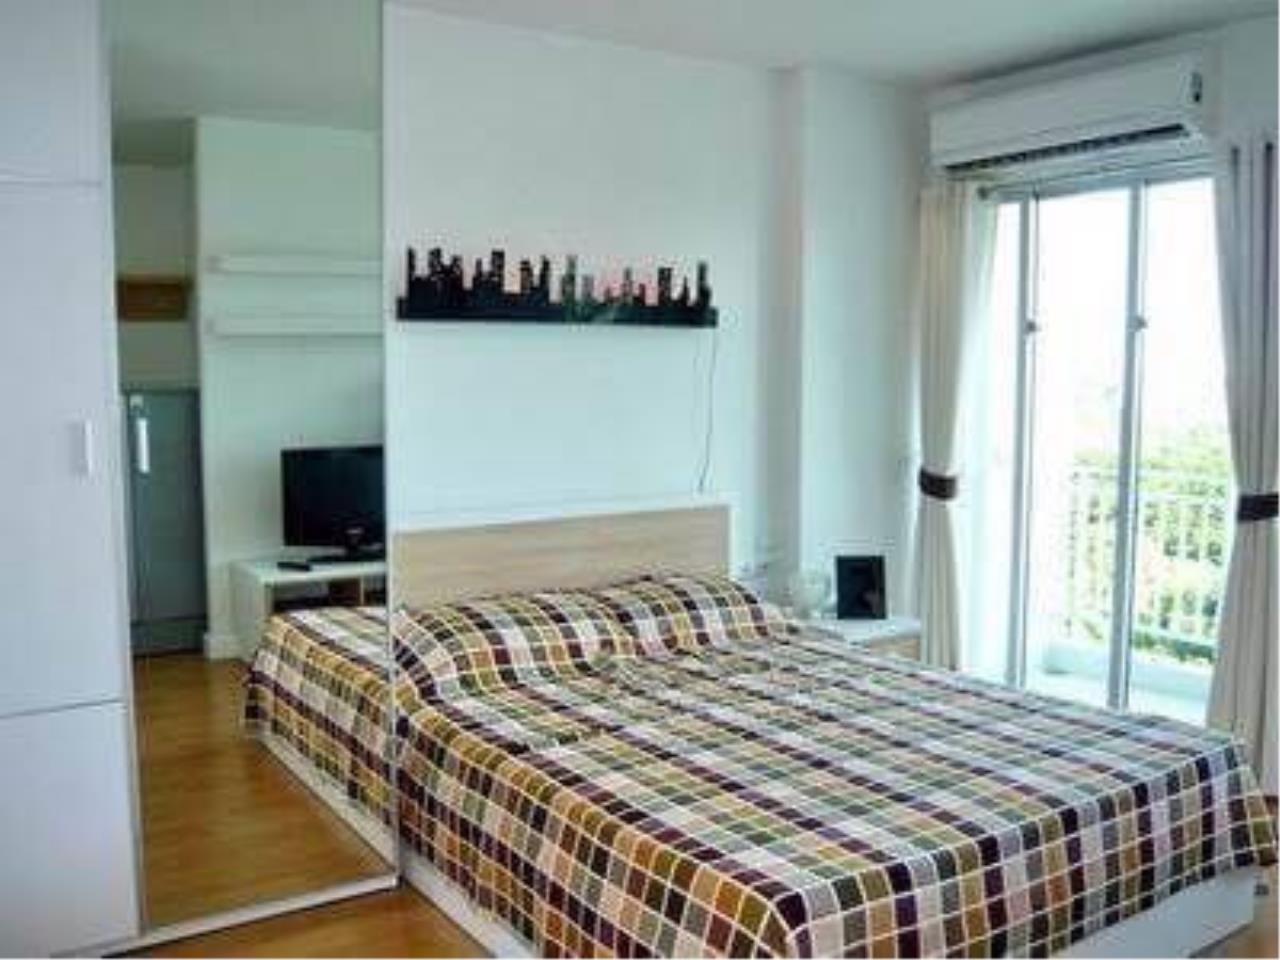 Quality Life Property Agency's S A L E & R E N T ! My Condo Sukhumvit 81 | 1 BED 1 BATH | 26 SQ. M. 4